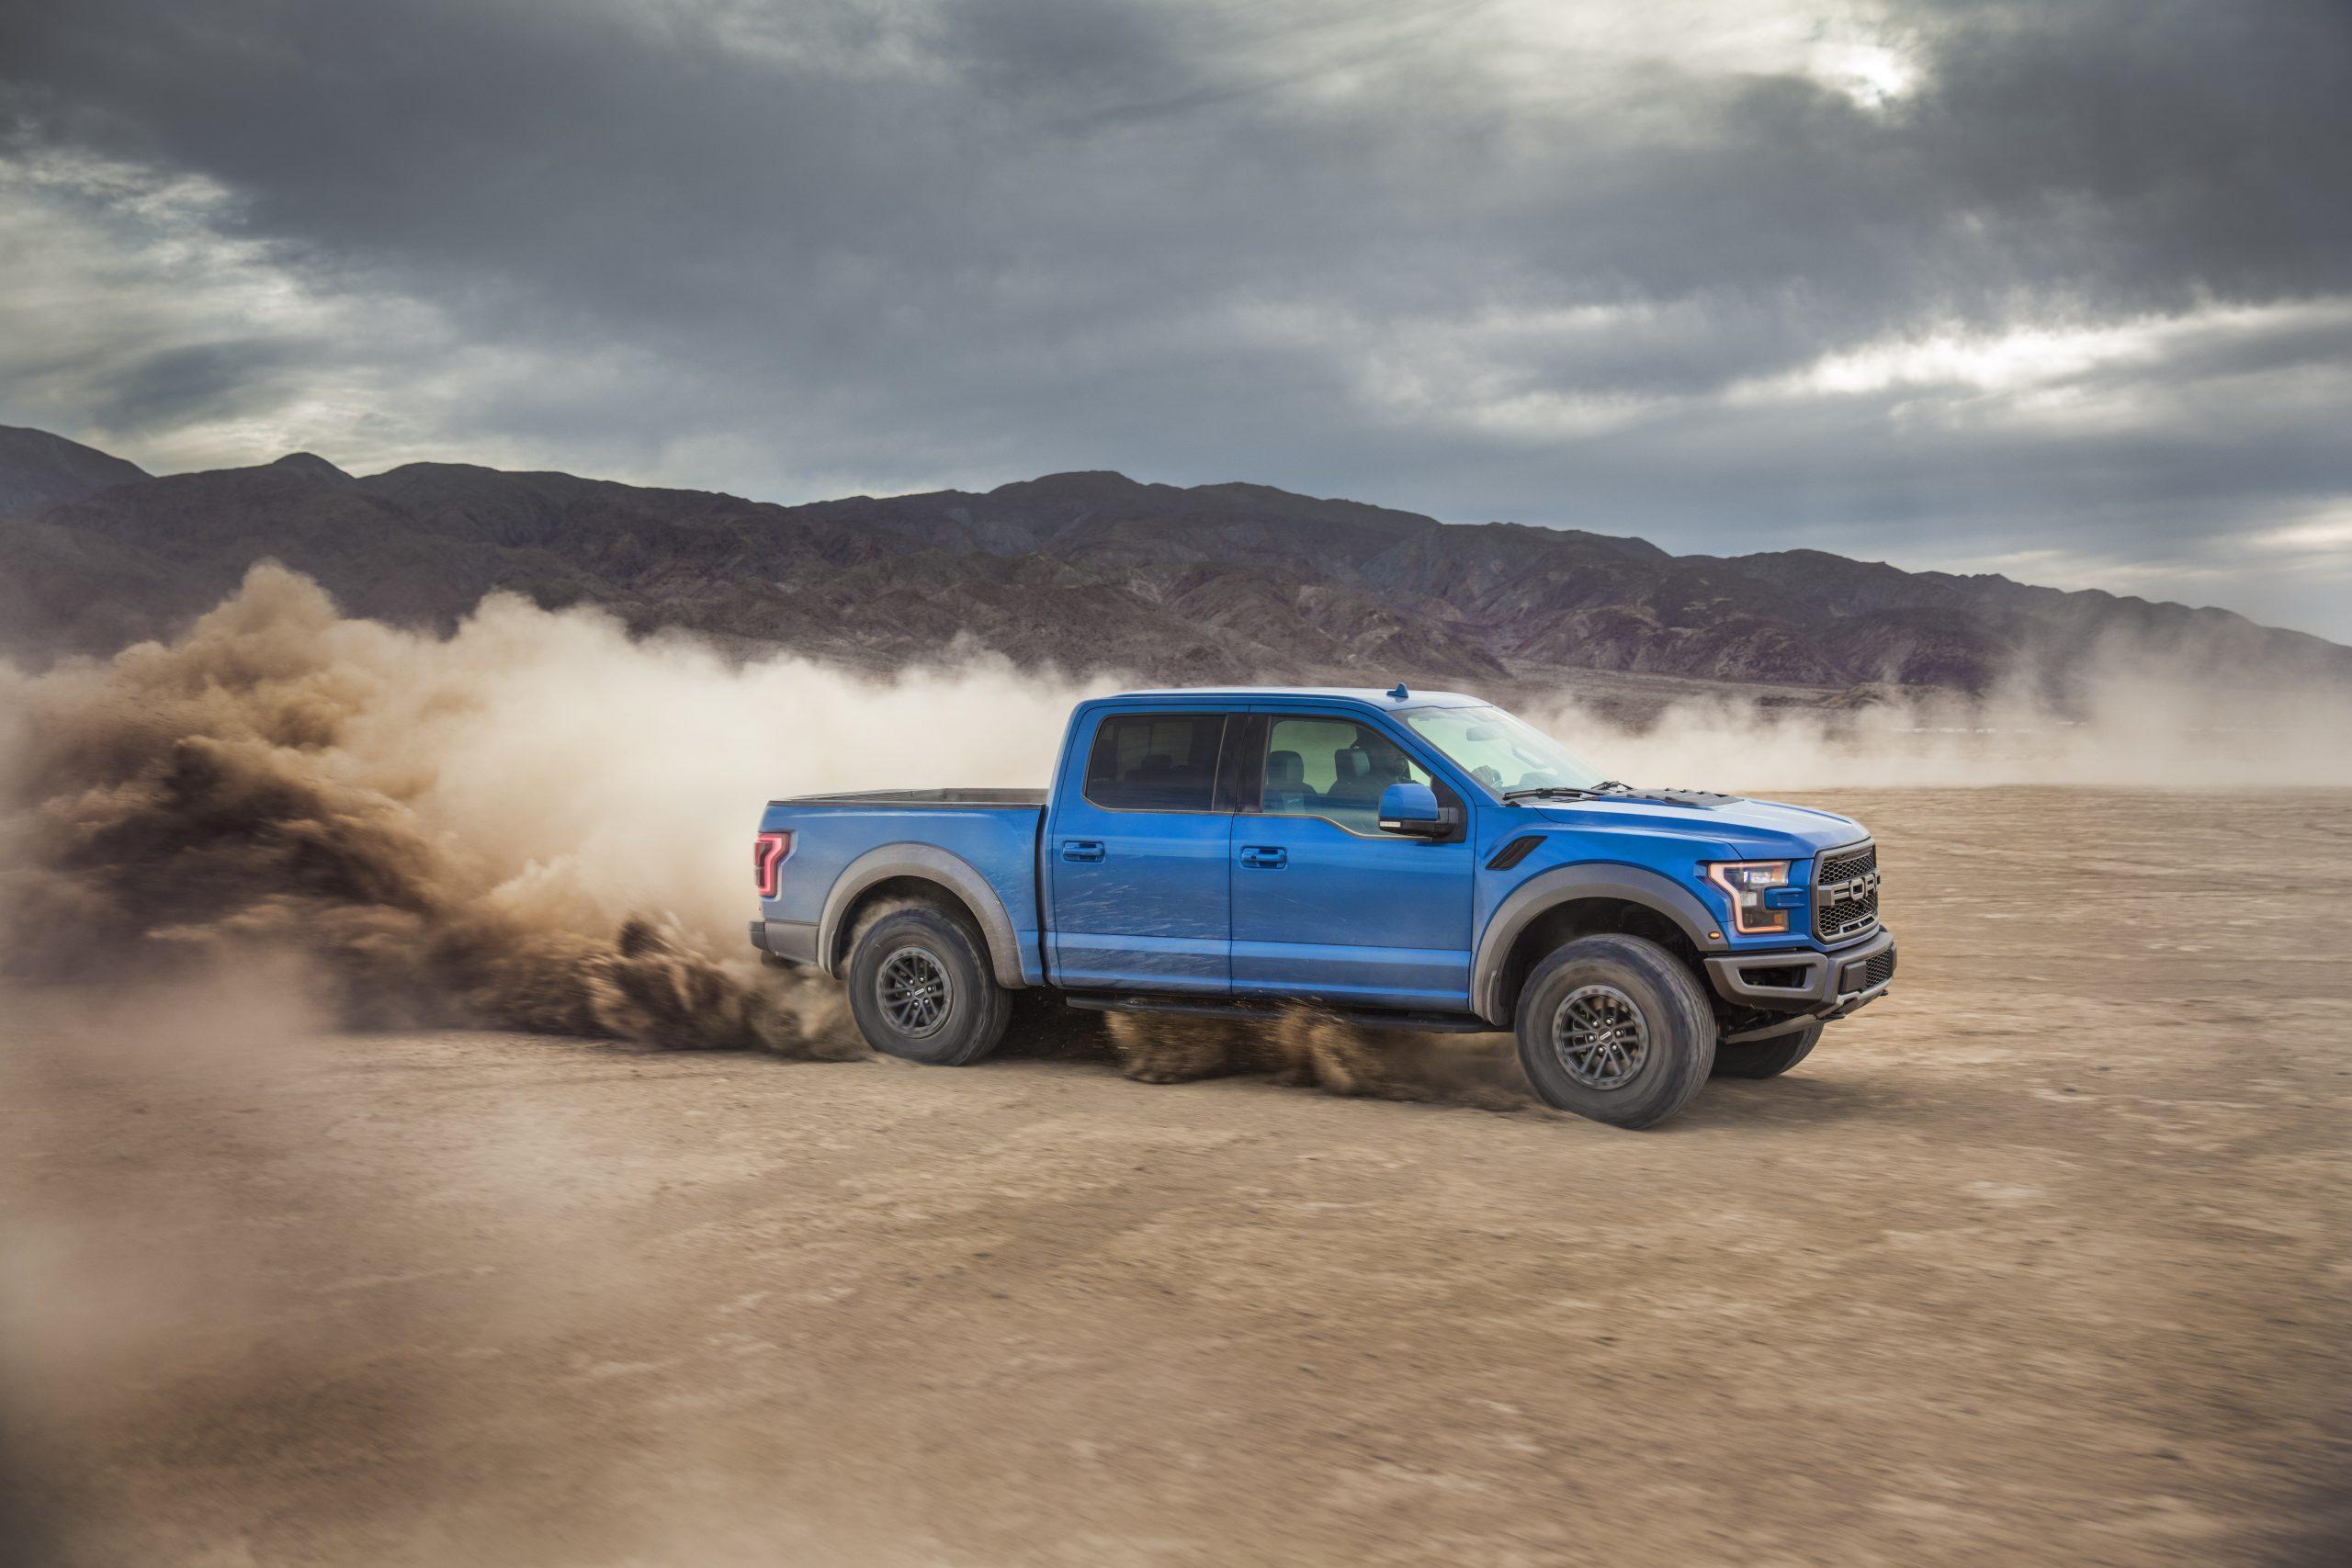 2019 Ford Raptor side profile slinging dirt